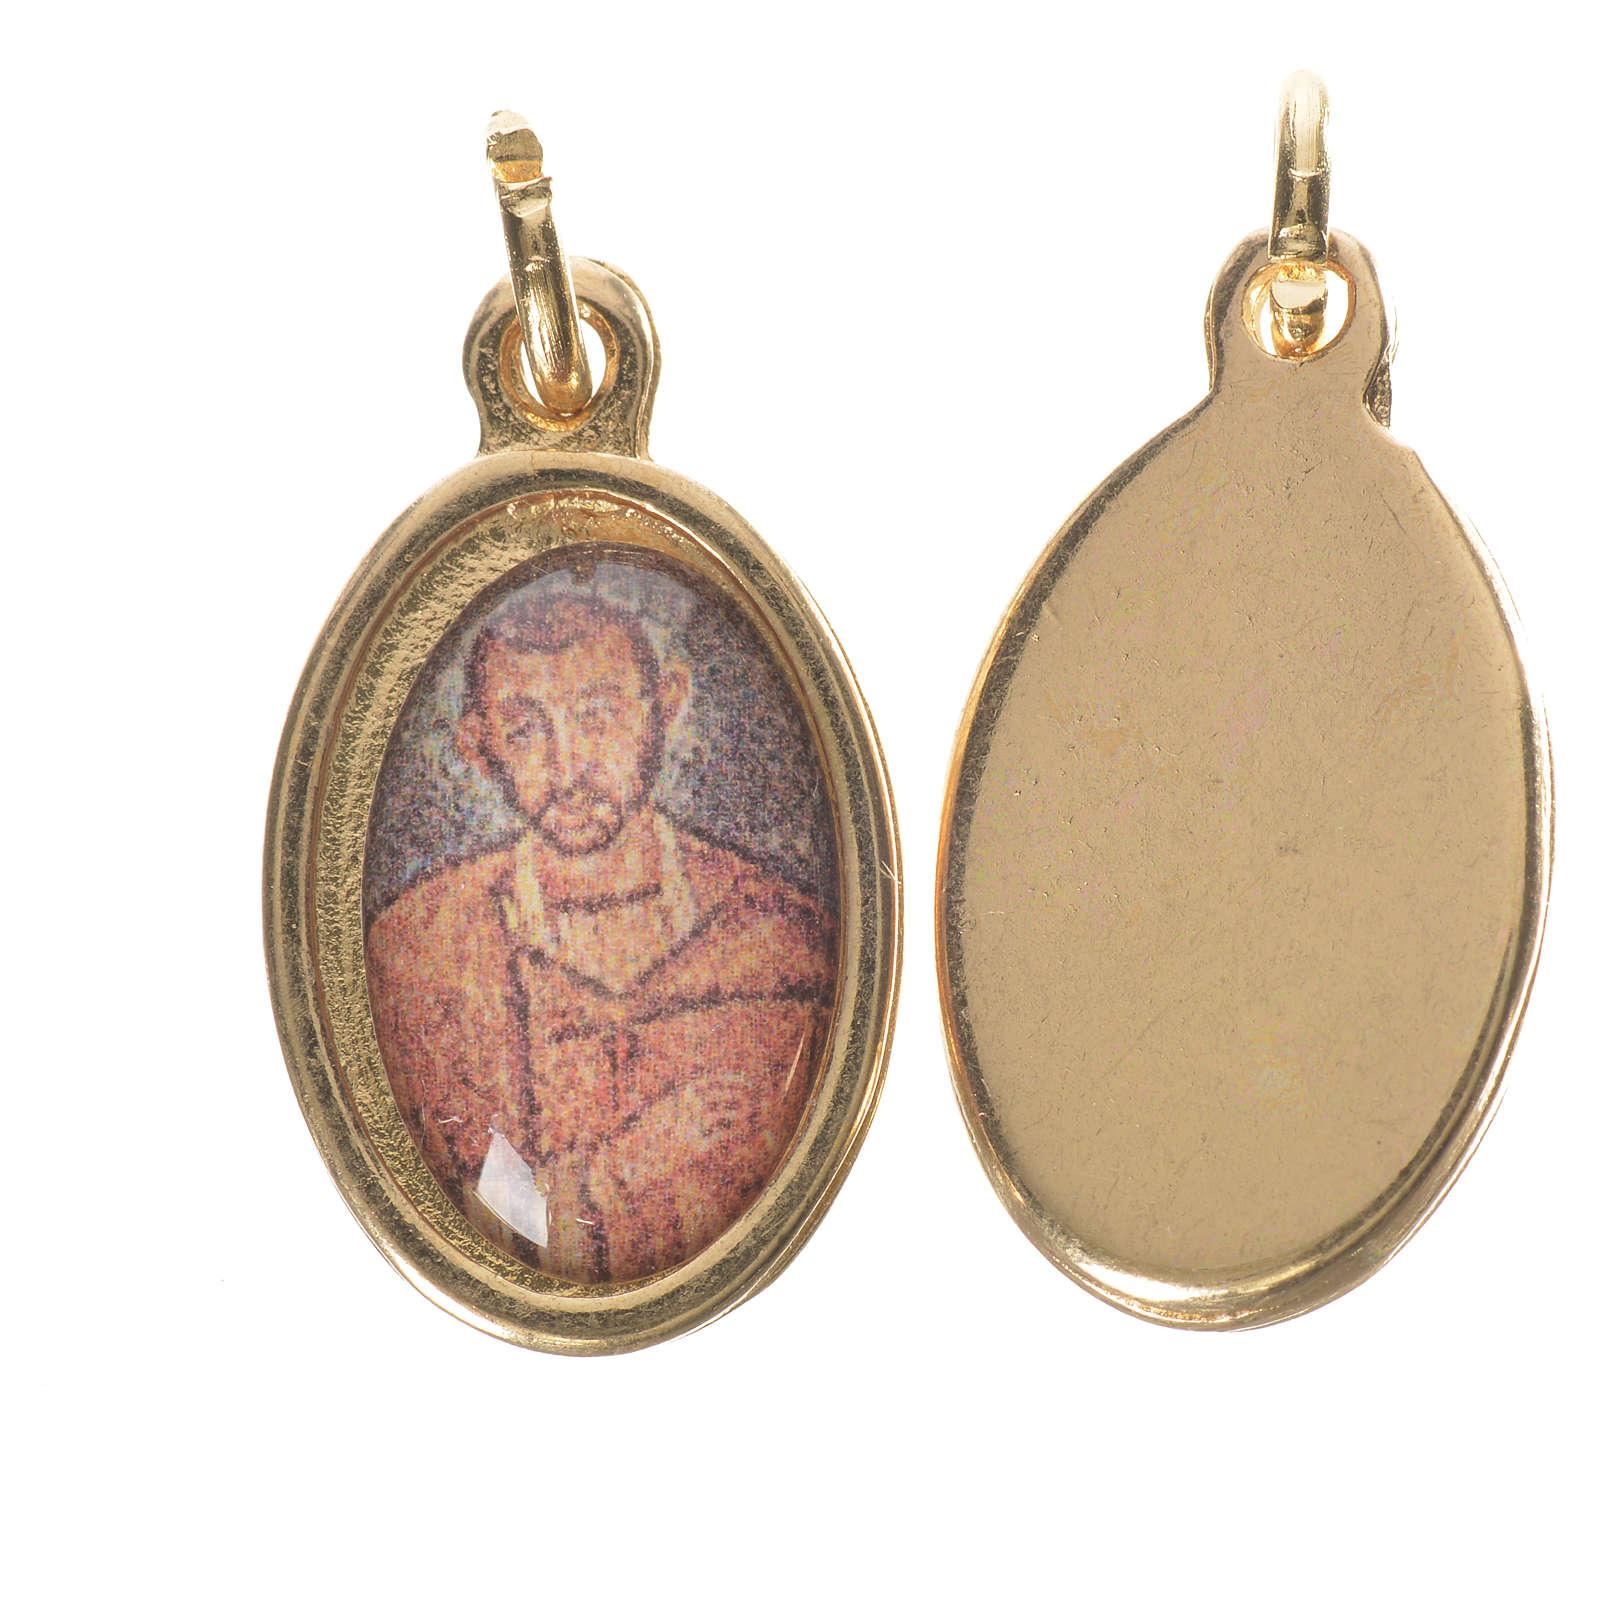 Saint Ambrose Medal in golden metal, 1.5cm 4